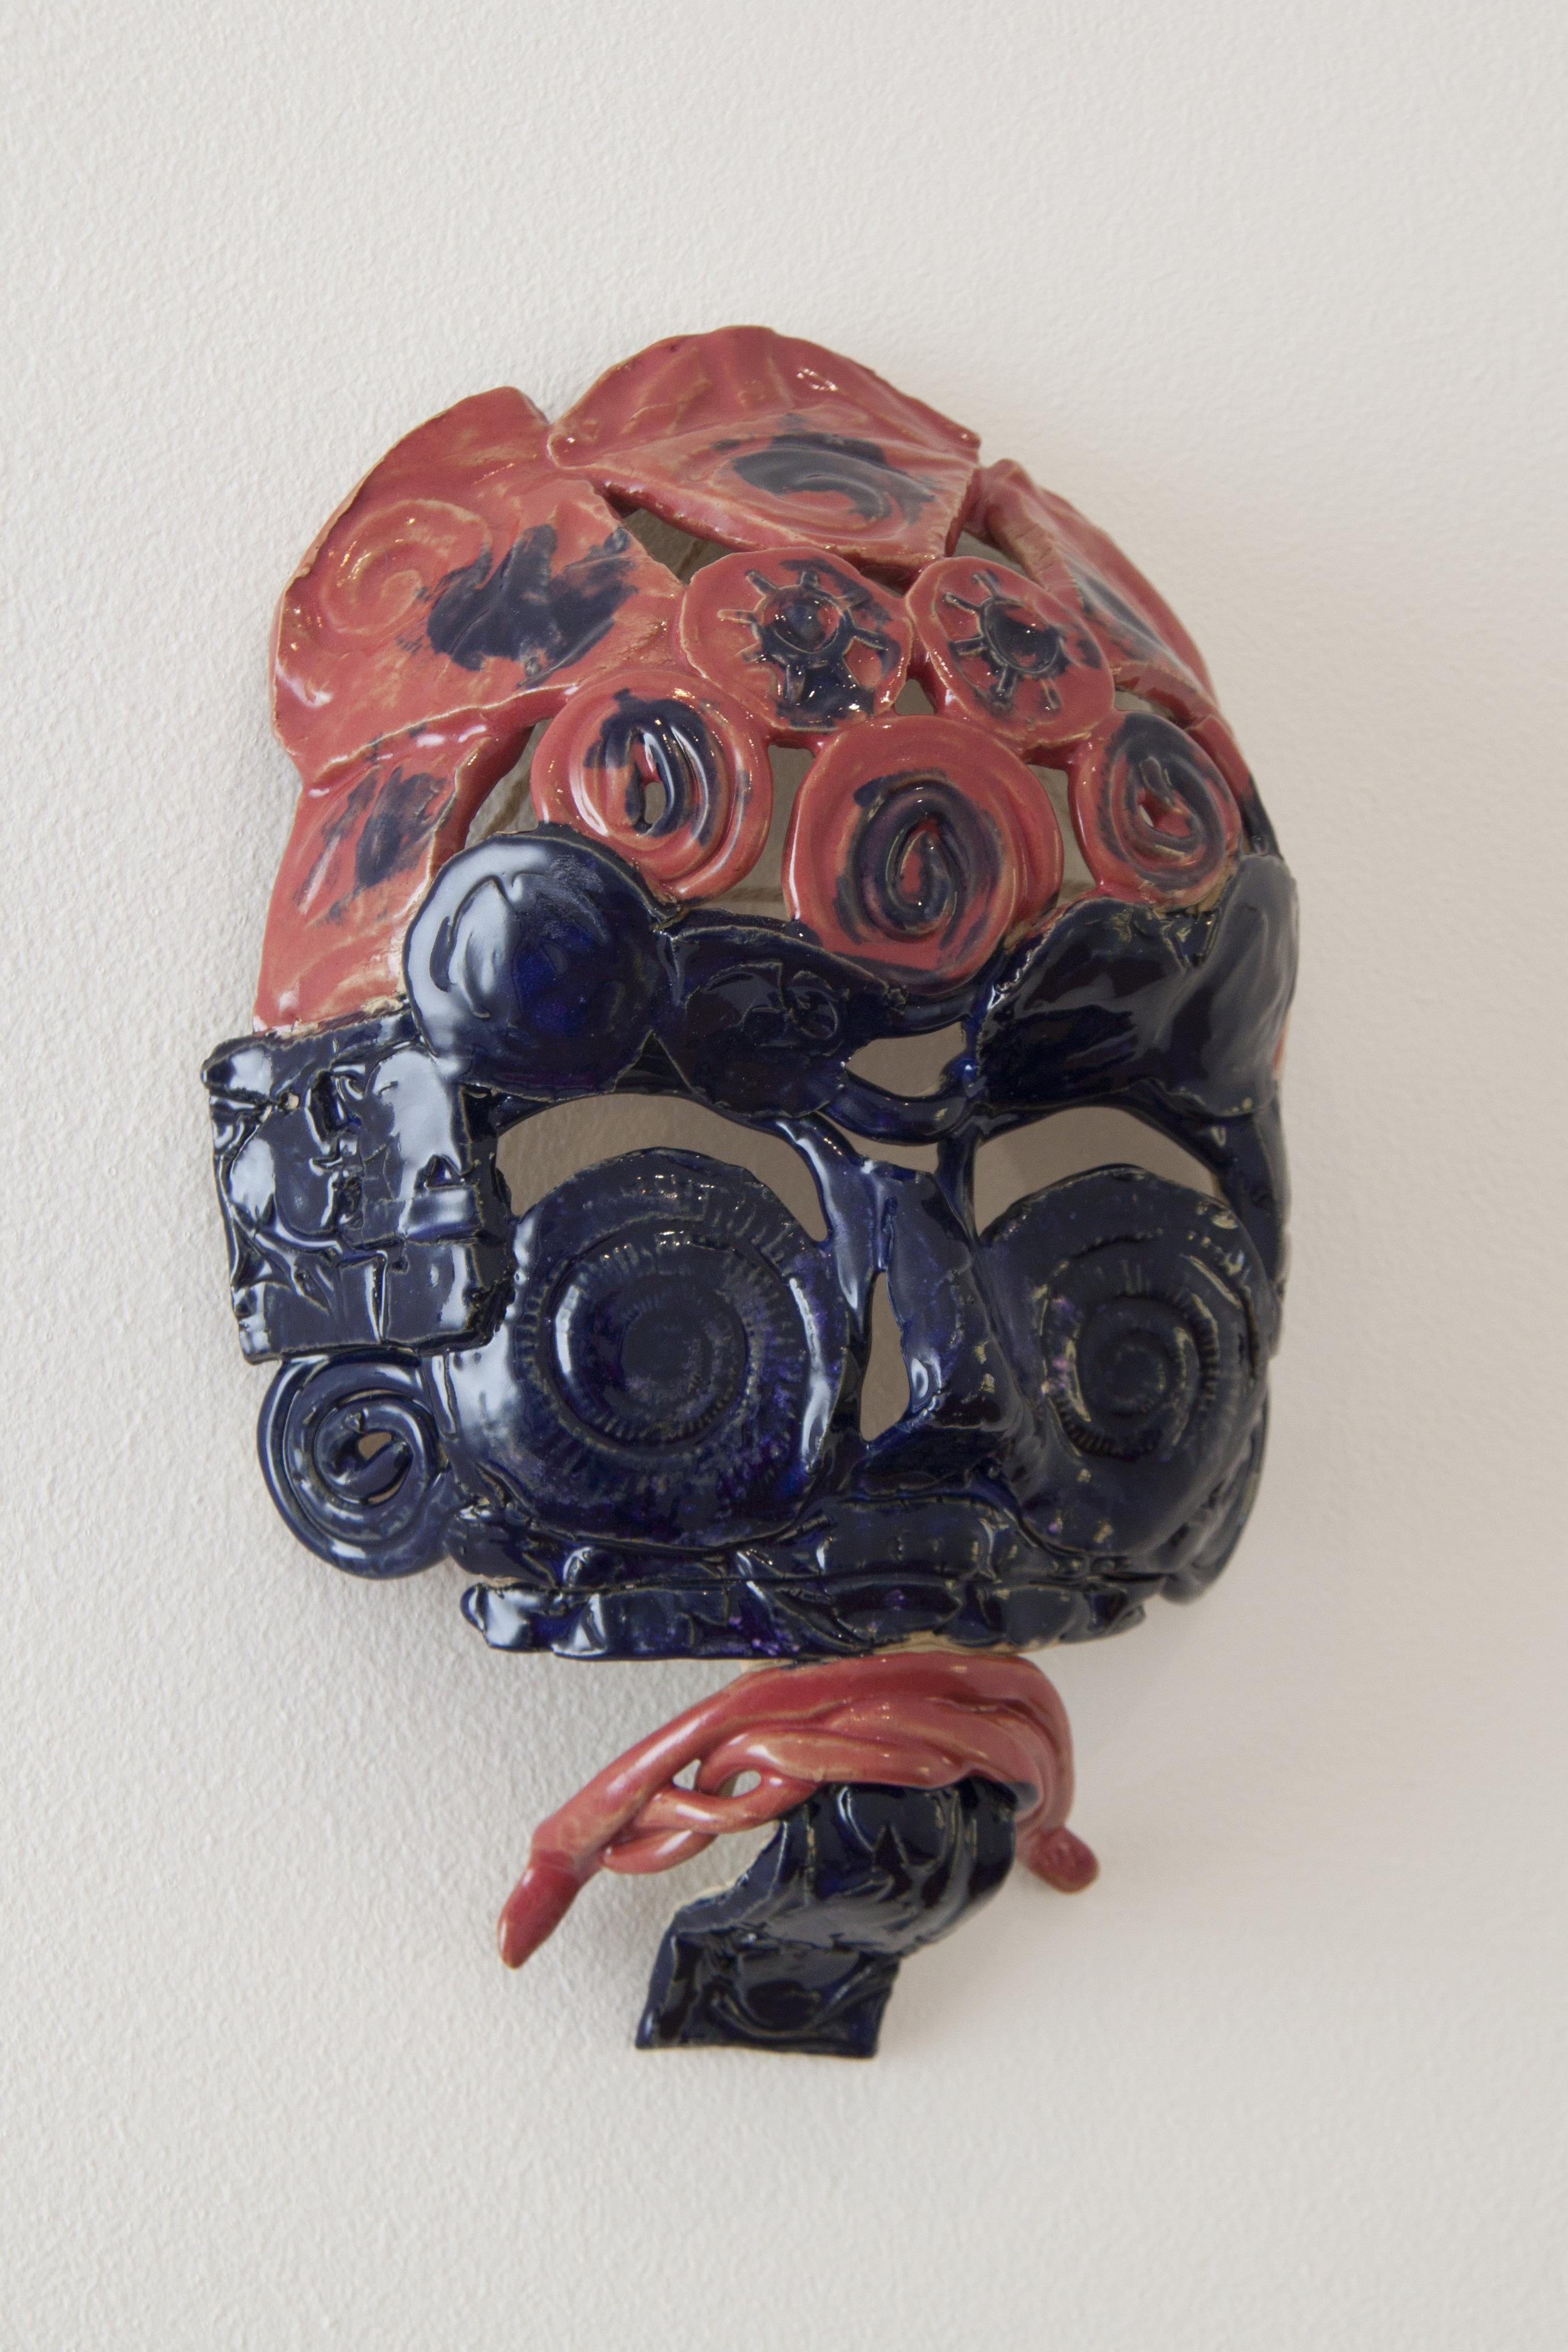 'Warrior' by ceramic artist Lorraine Currid.jpg